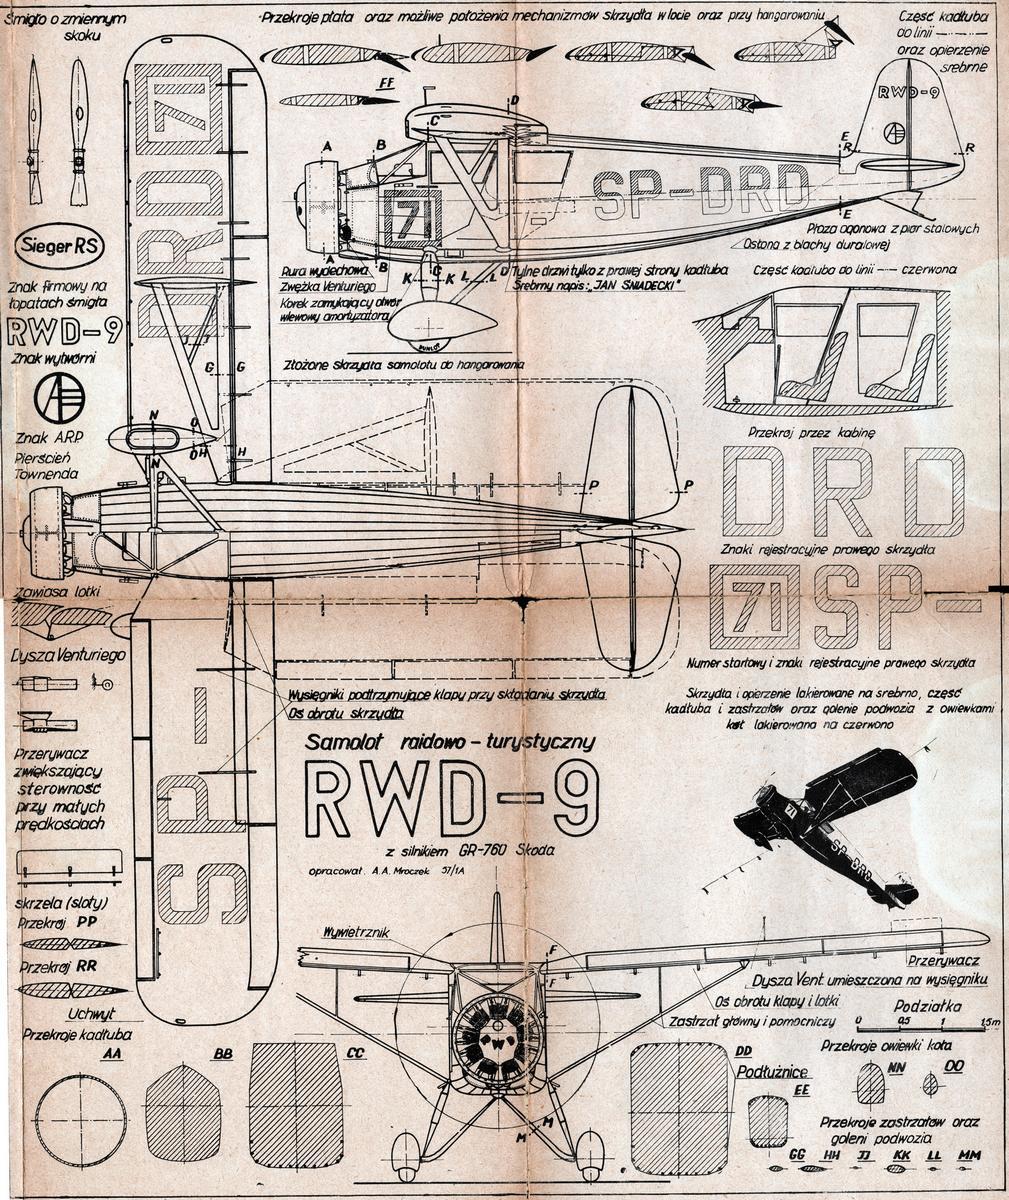 RWD-9.jpg